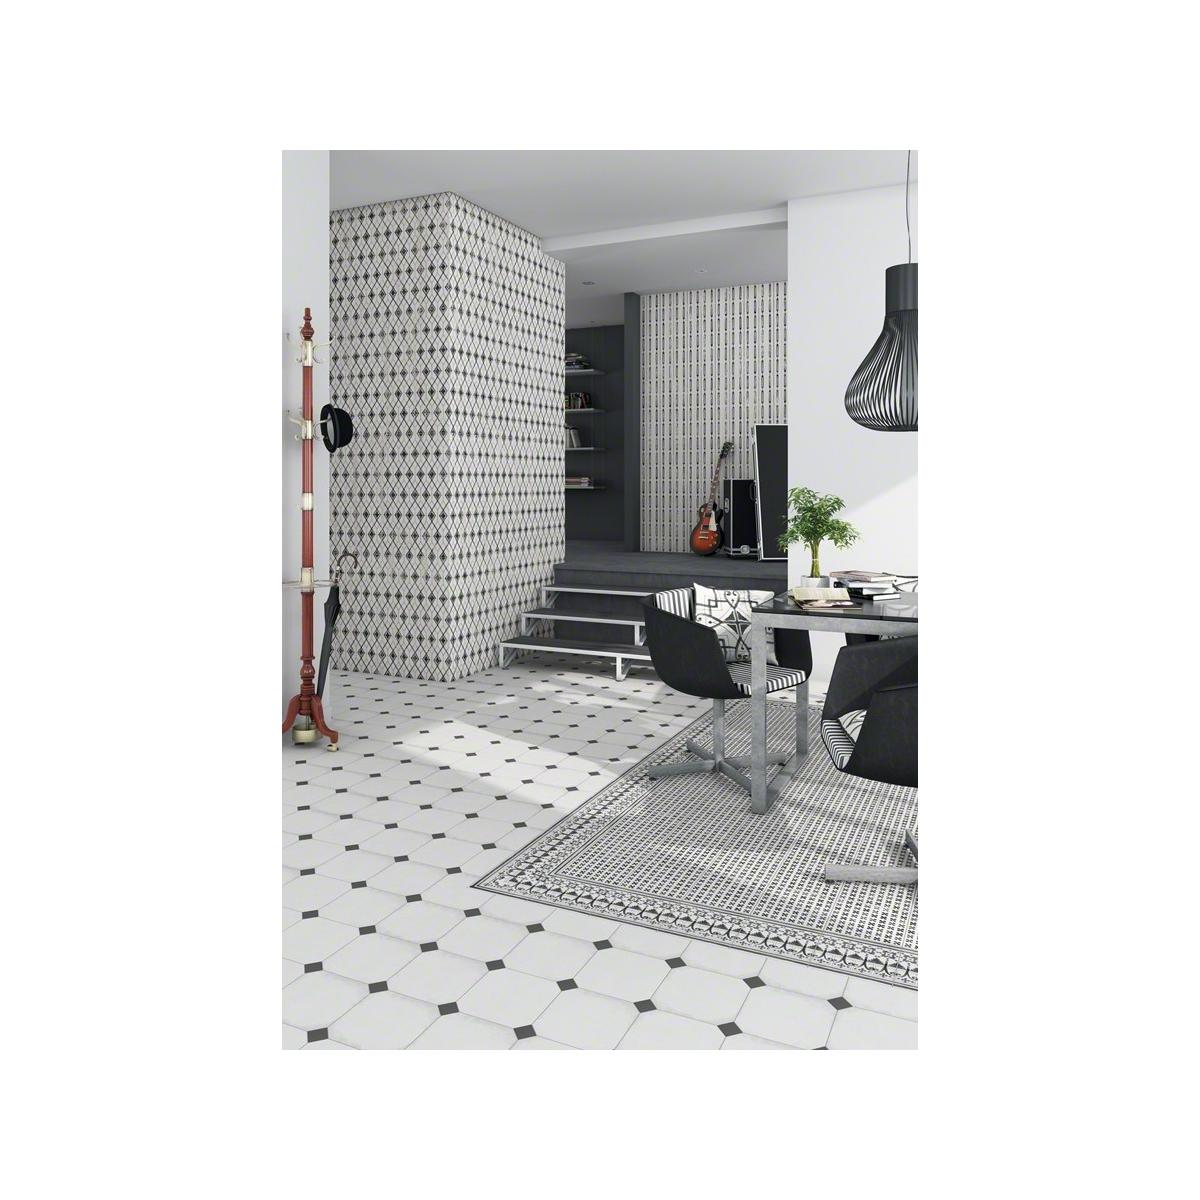 Paix Sombra 20x20 (m2) - Losas hidráulicas Porcelánico para interior y exterior Vives